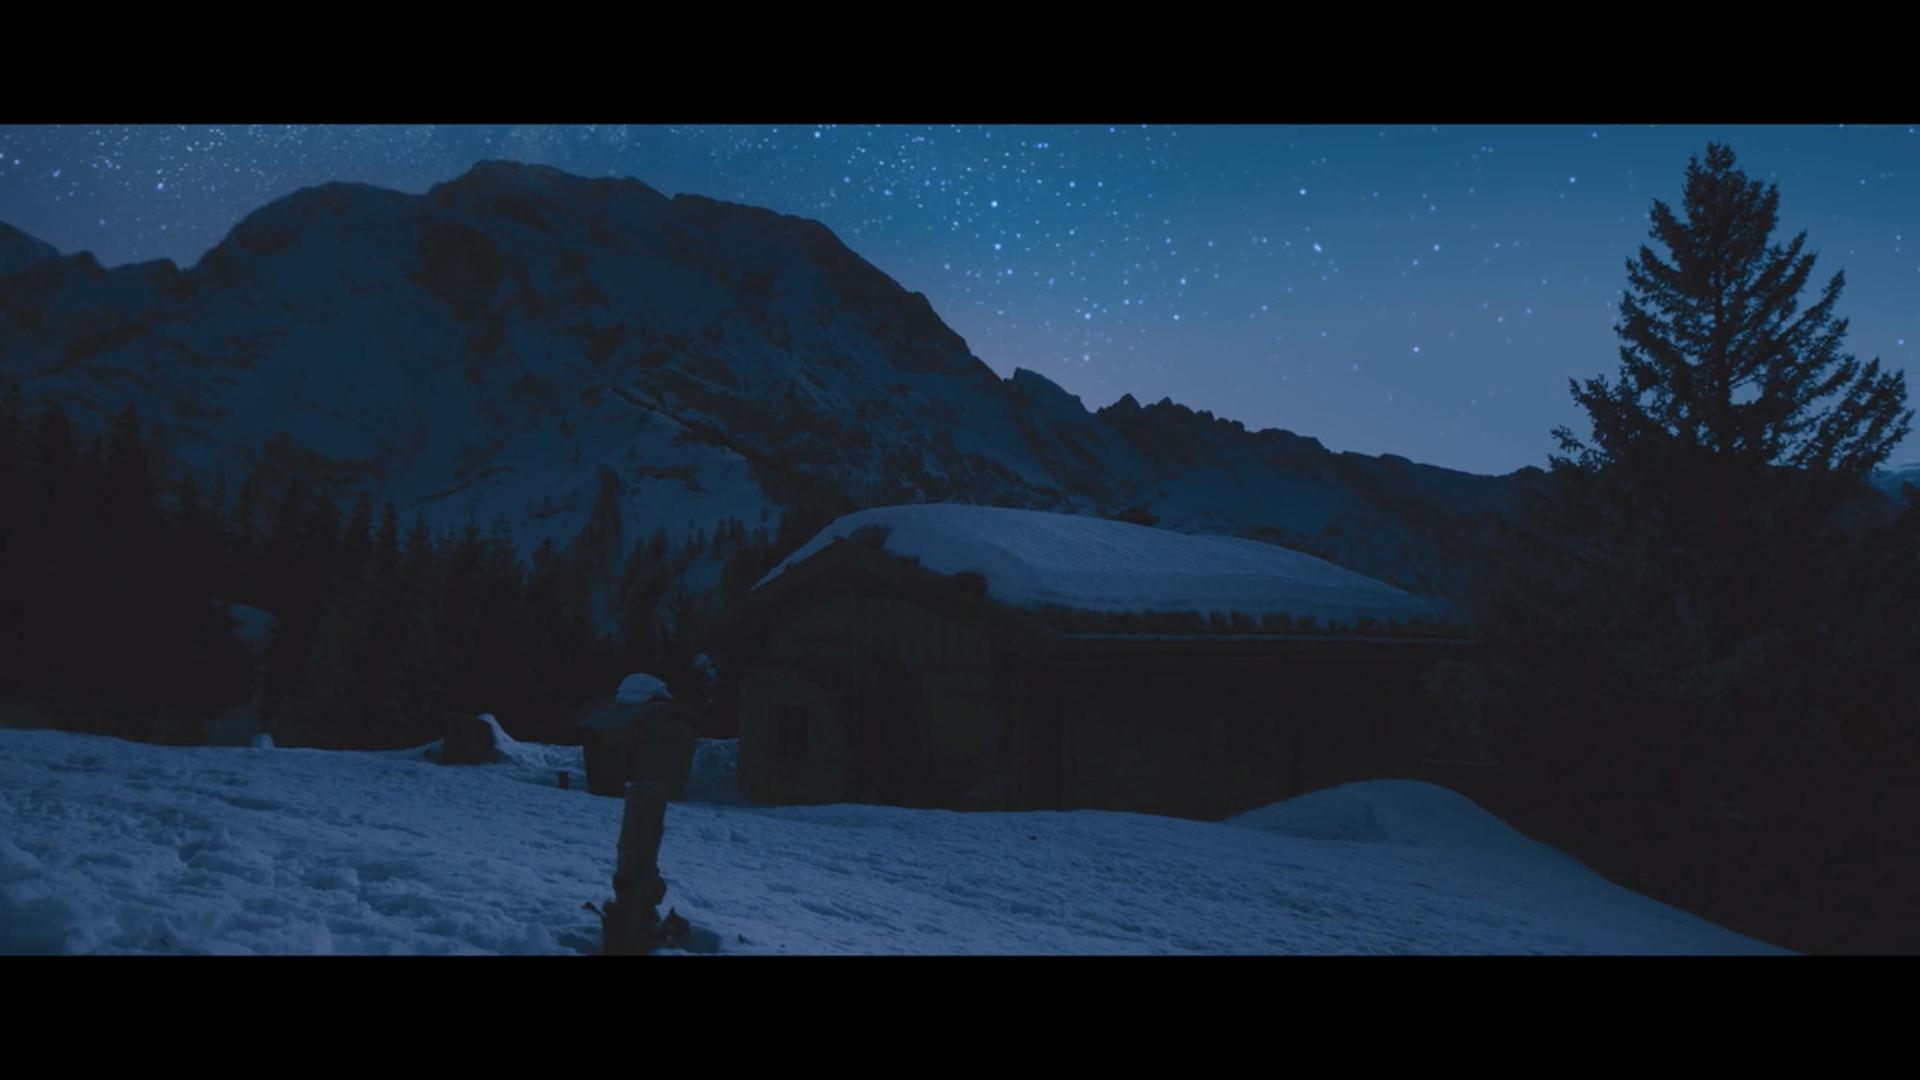 Silent Night (2018), capture @ First Teaser